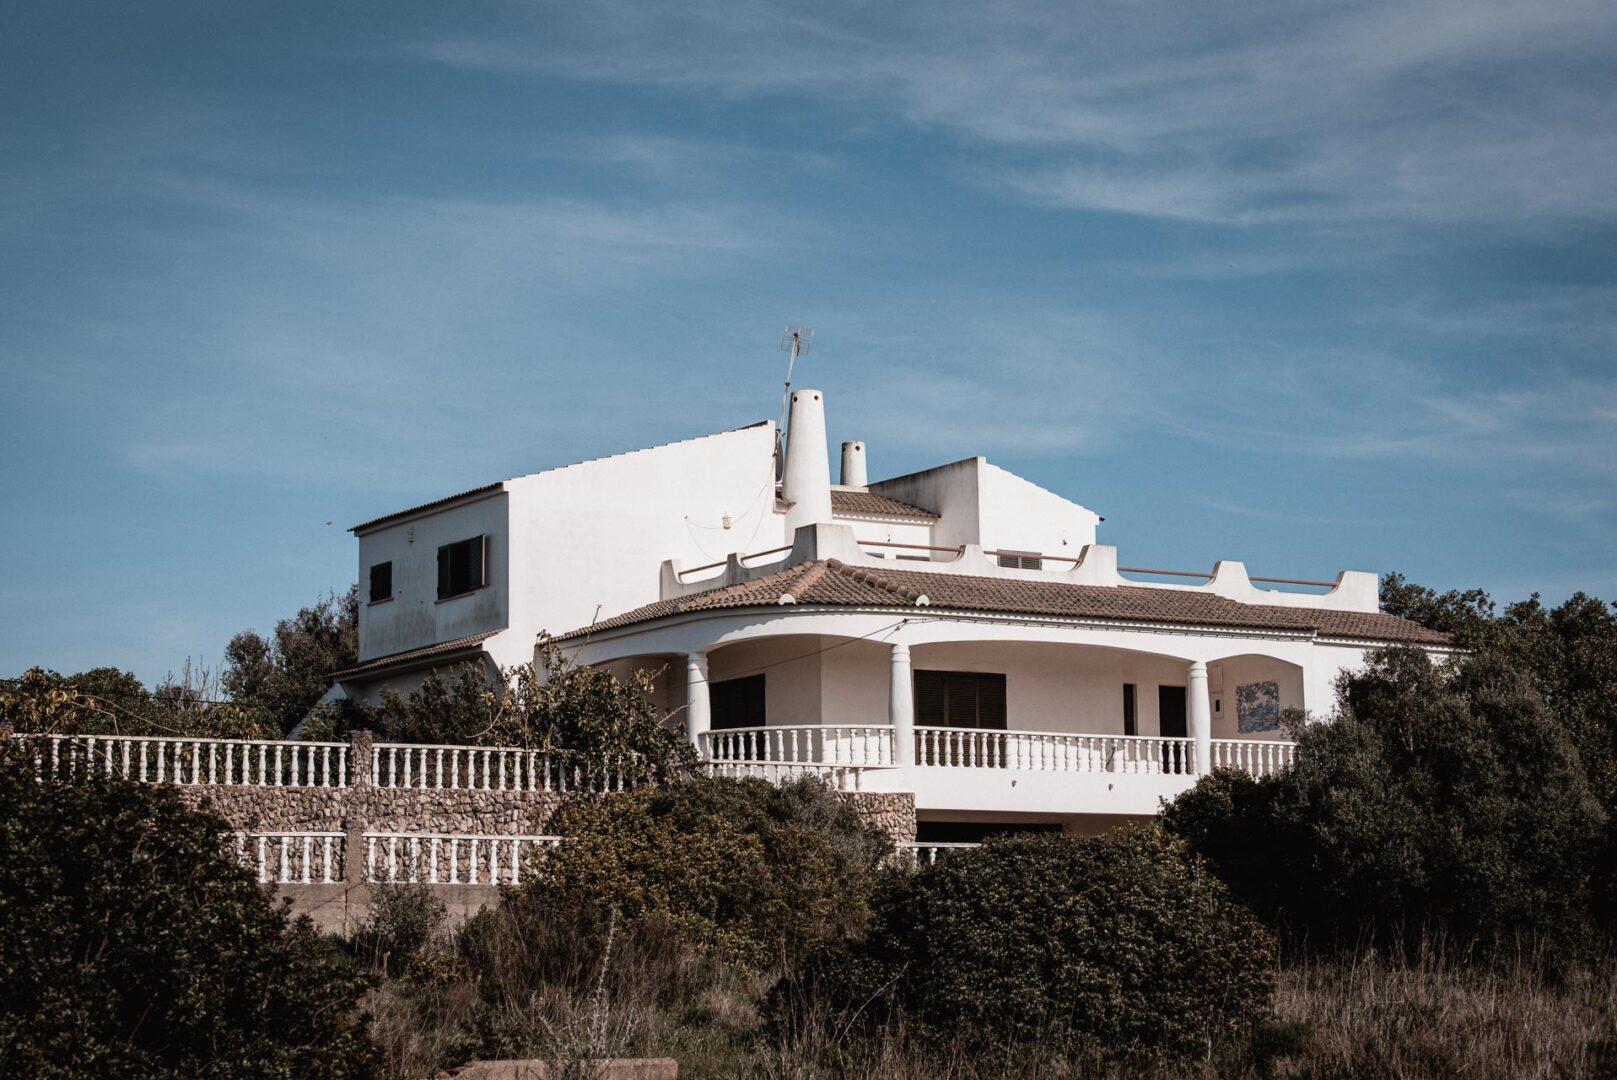 Övergivna hus